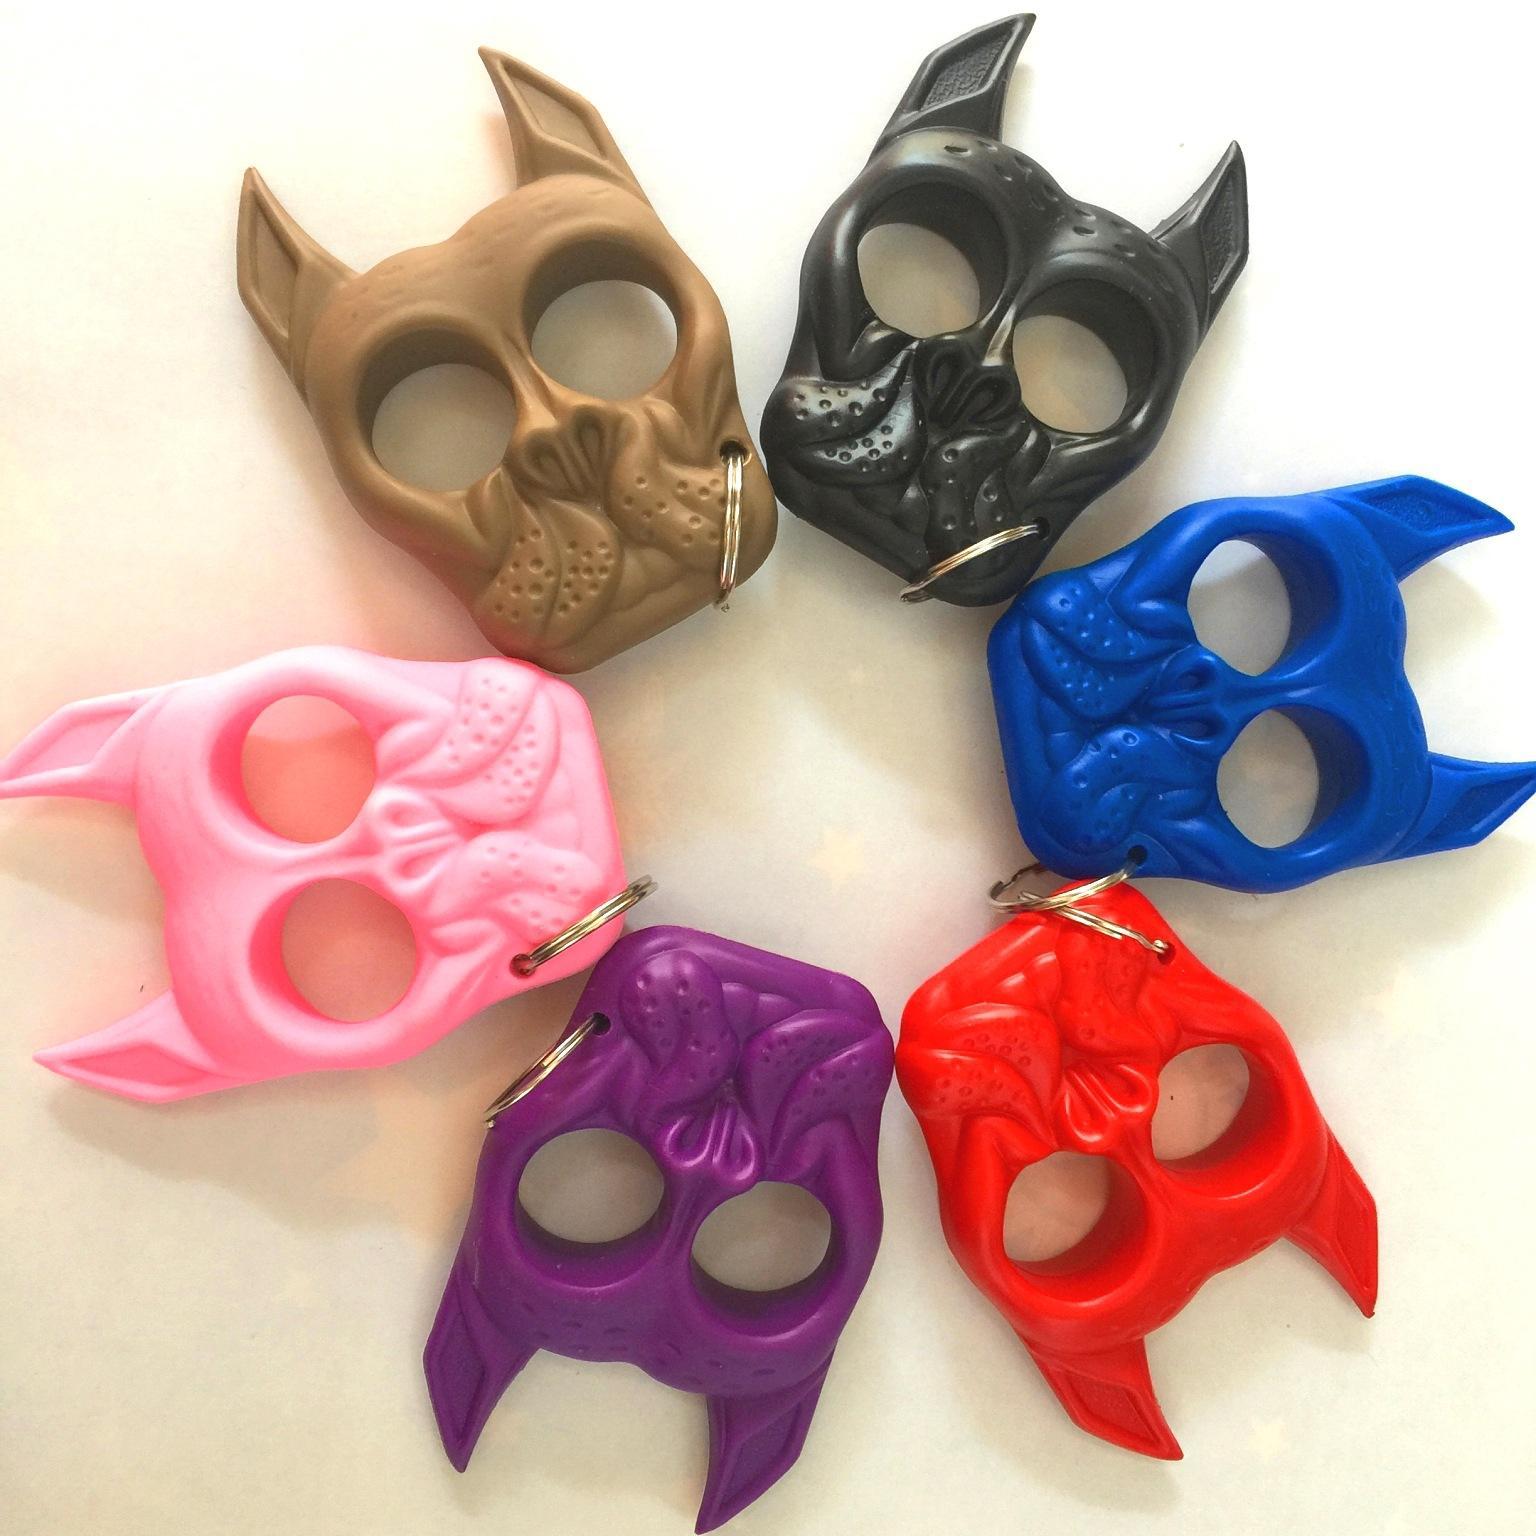 6 ألوان الطوارئ الدفاع الذاتي المفاتيح للنساء الشخصية السلامة البلاستيك الصلب تالون الكلب رئيس سلسلة مفتاح سحر سيارة سلاسل المفاتيح